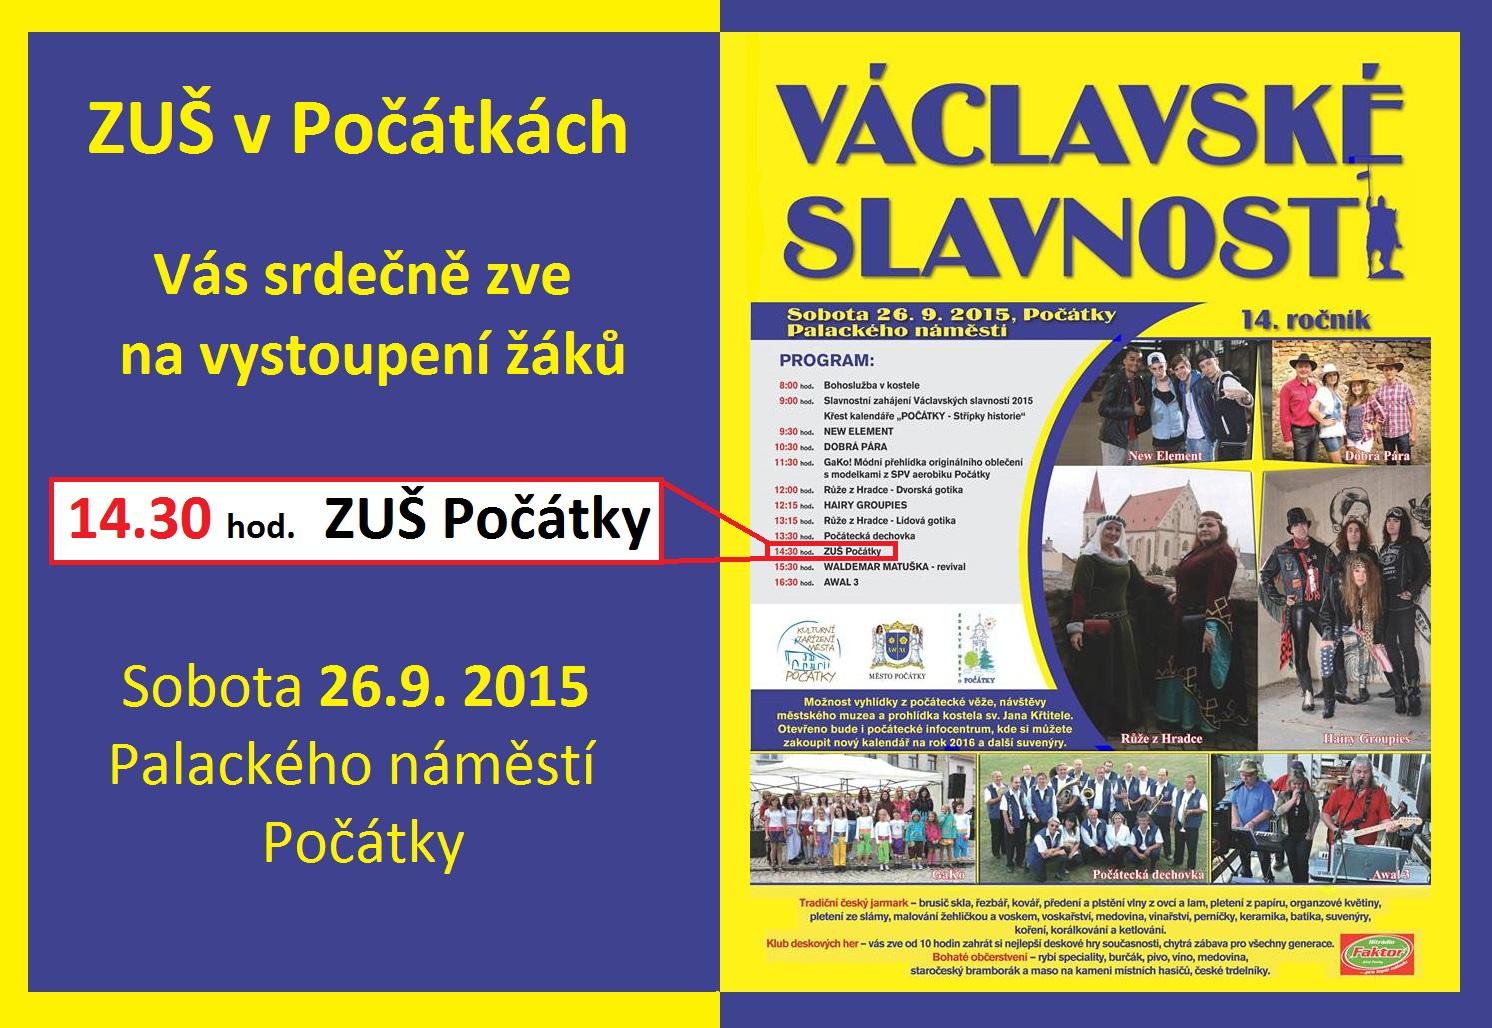 26.9.2015 - Václavské slavnosti